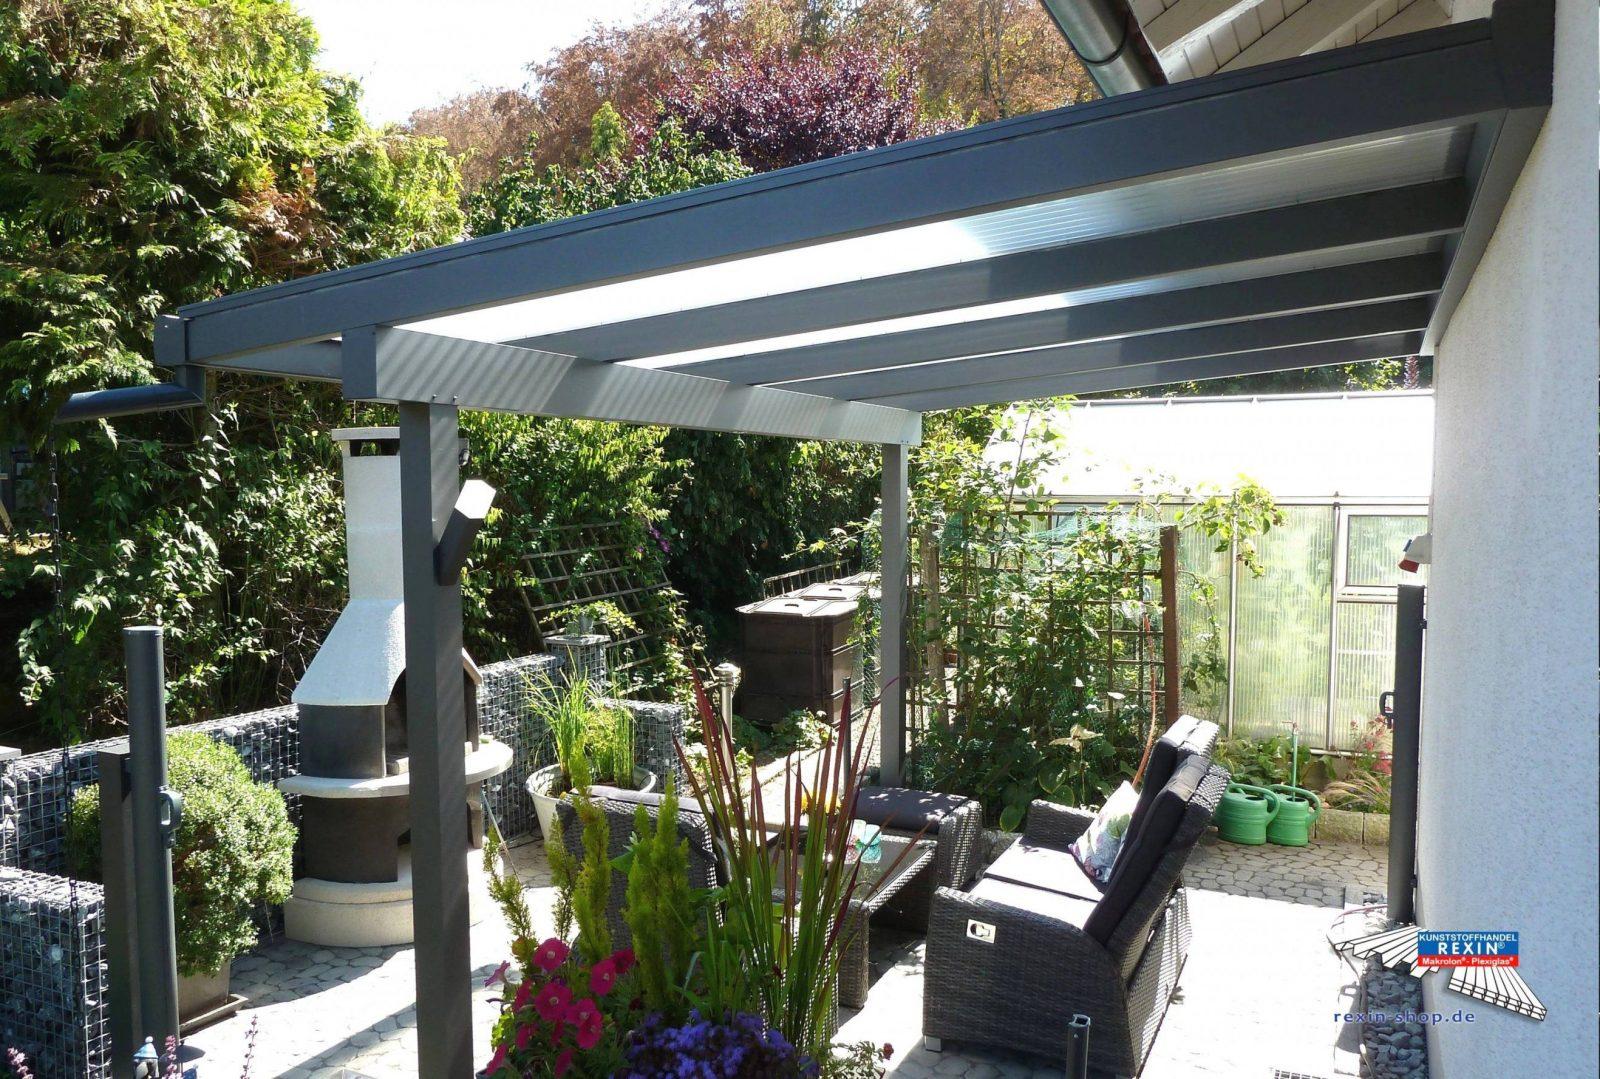 Wohnideen  Garten Gestalten Mit Wenig Geld Zusammen Schön Balkon von Balkon Gestalten Mit Wenig Geld Photo